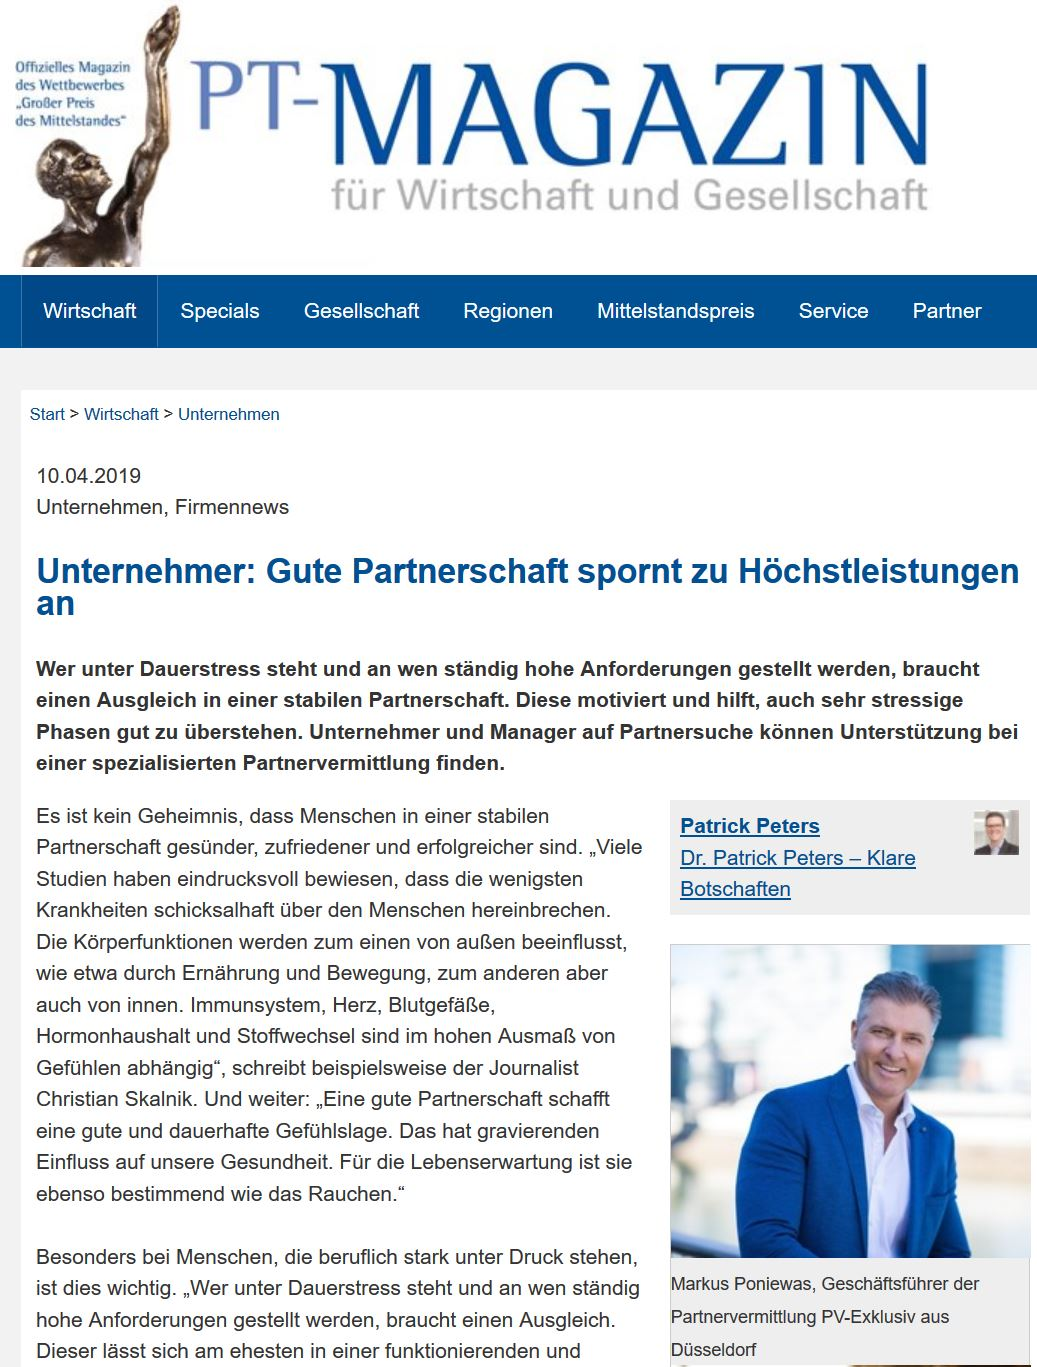 Partnervermittlung unternehmer